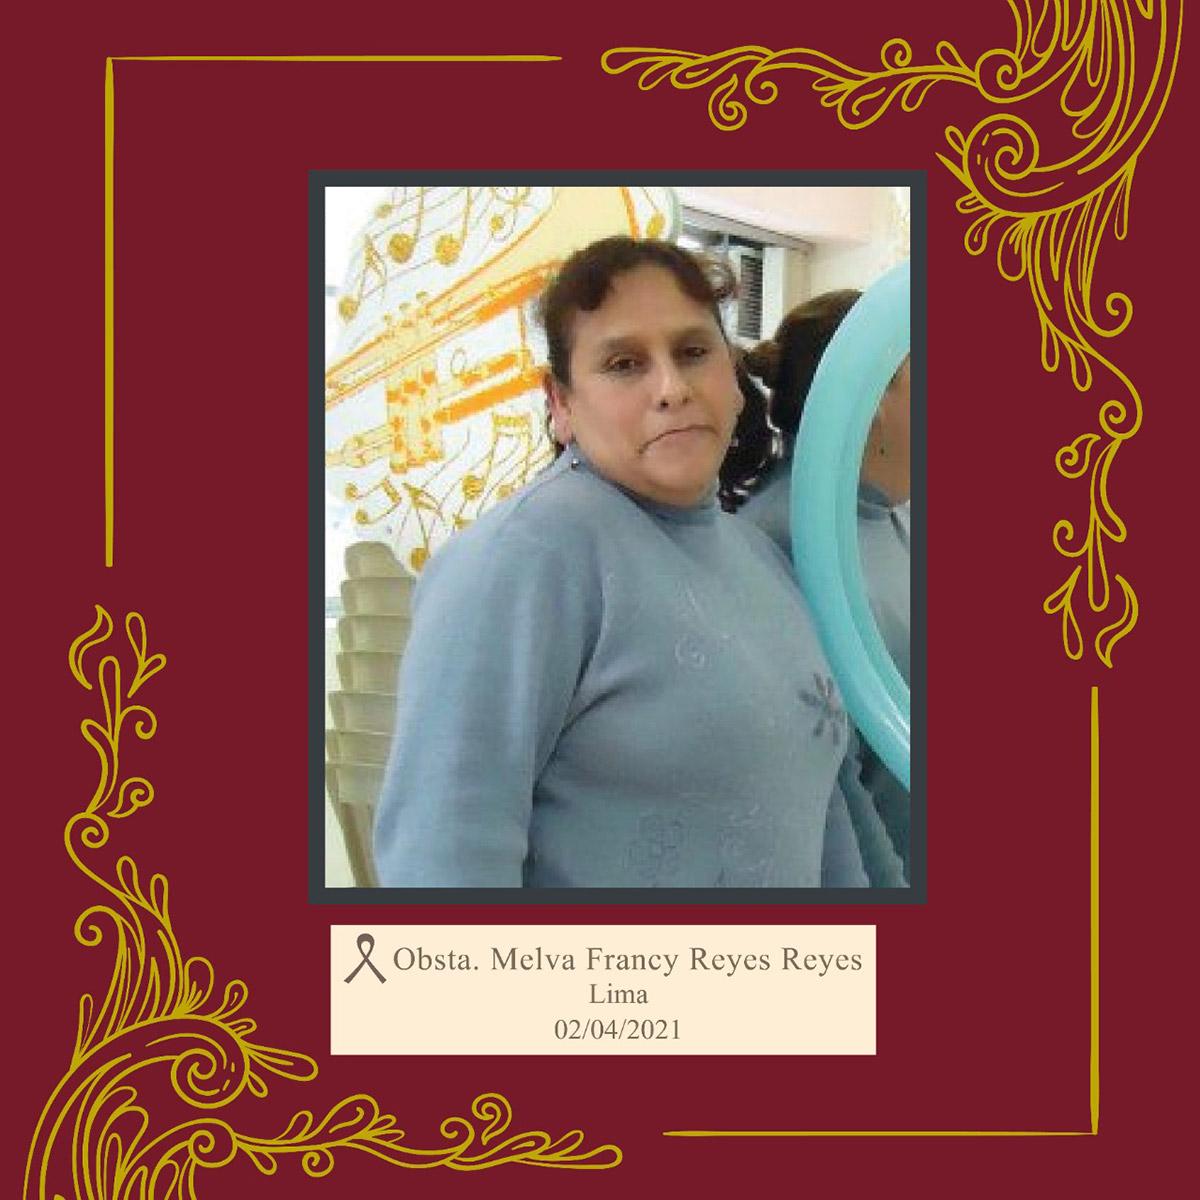 Melva Francy Reyes Reyes